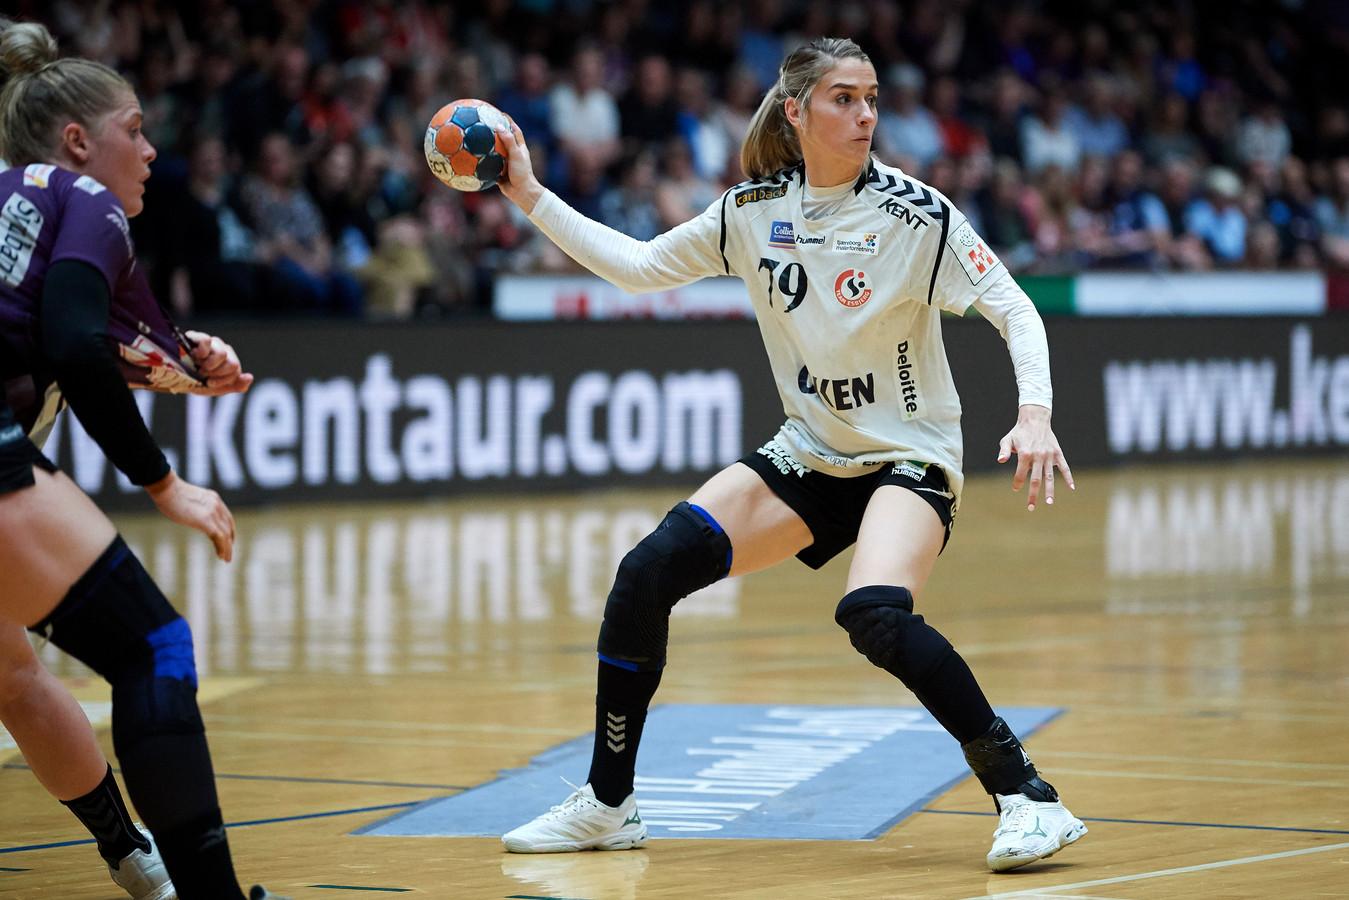 Estavana Polman in actie namens haar Deense club Team Esbjerg.